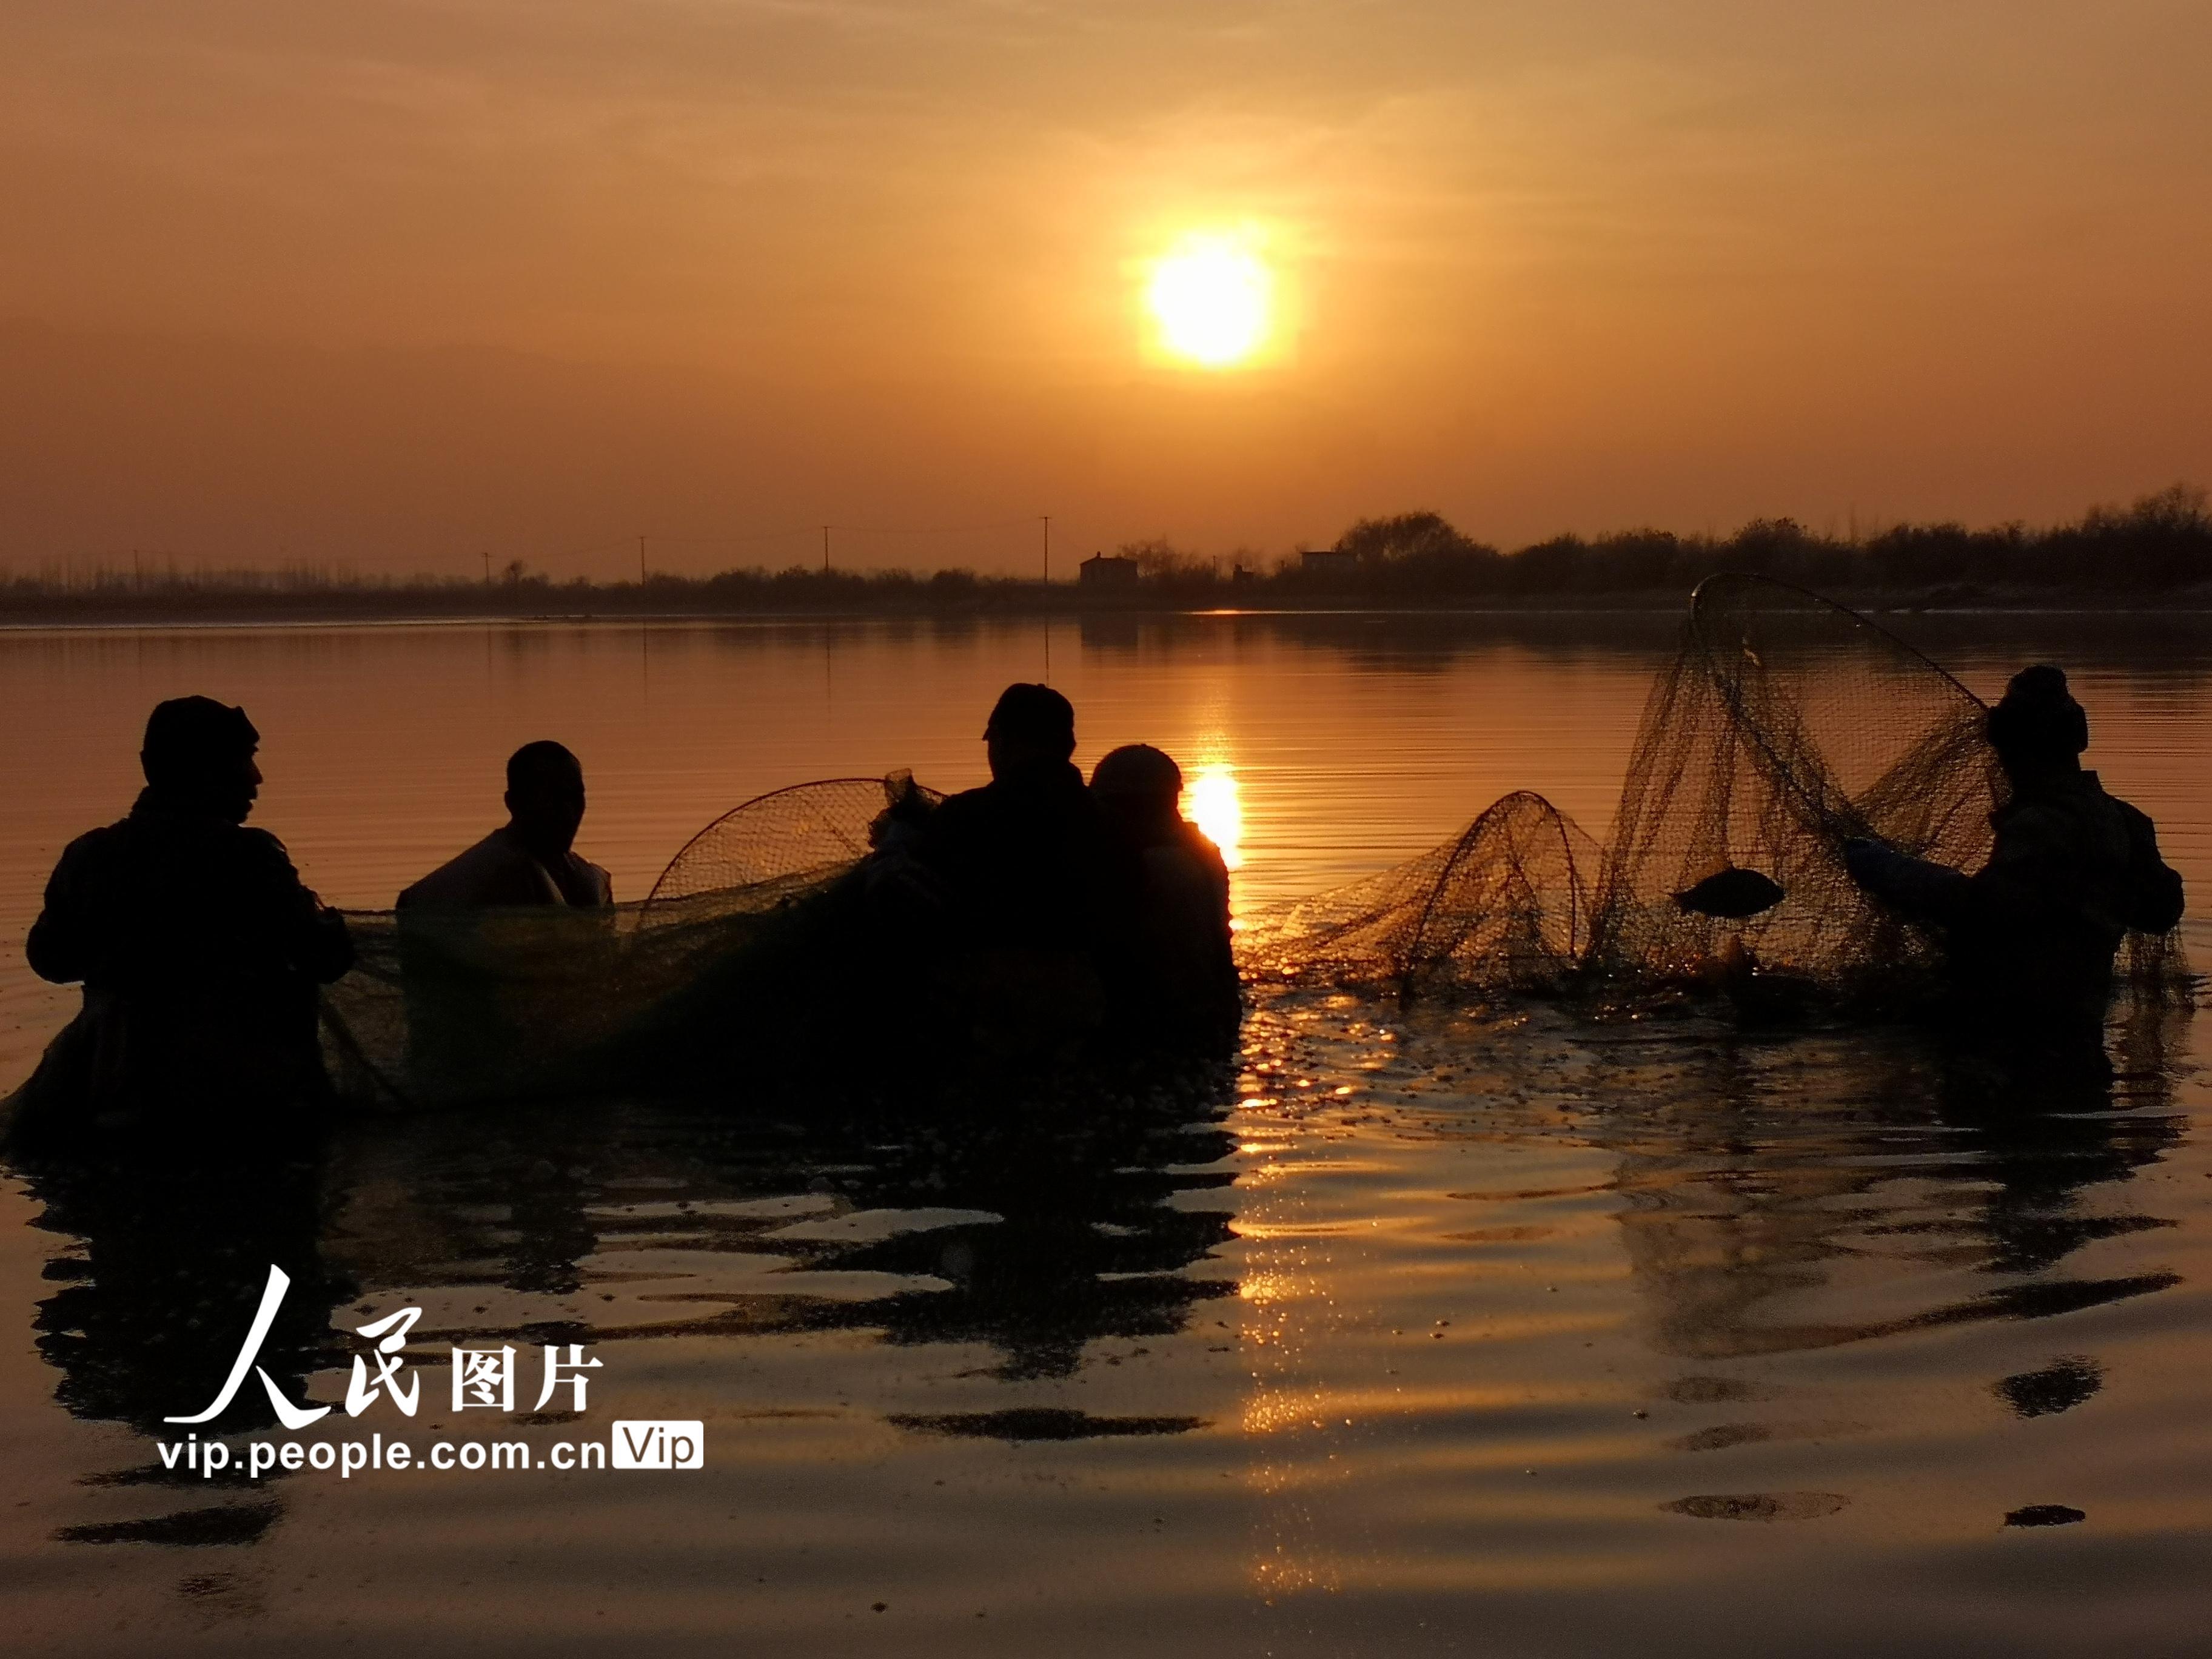 甘肃临泽:农民养鱼助力增收